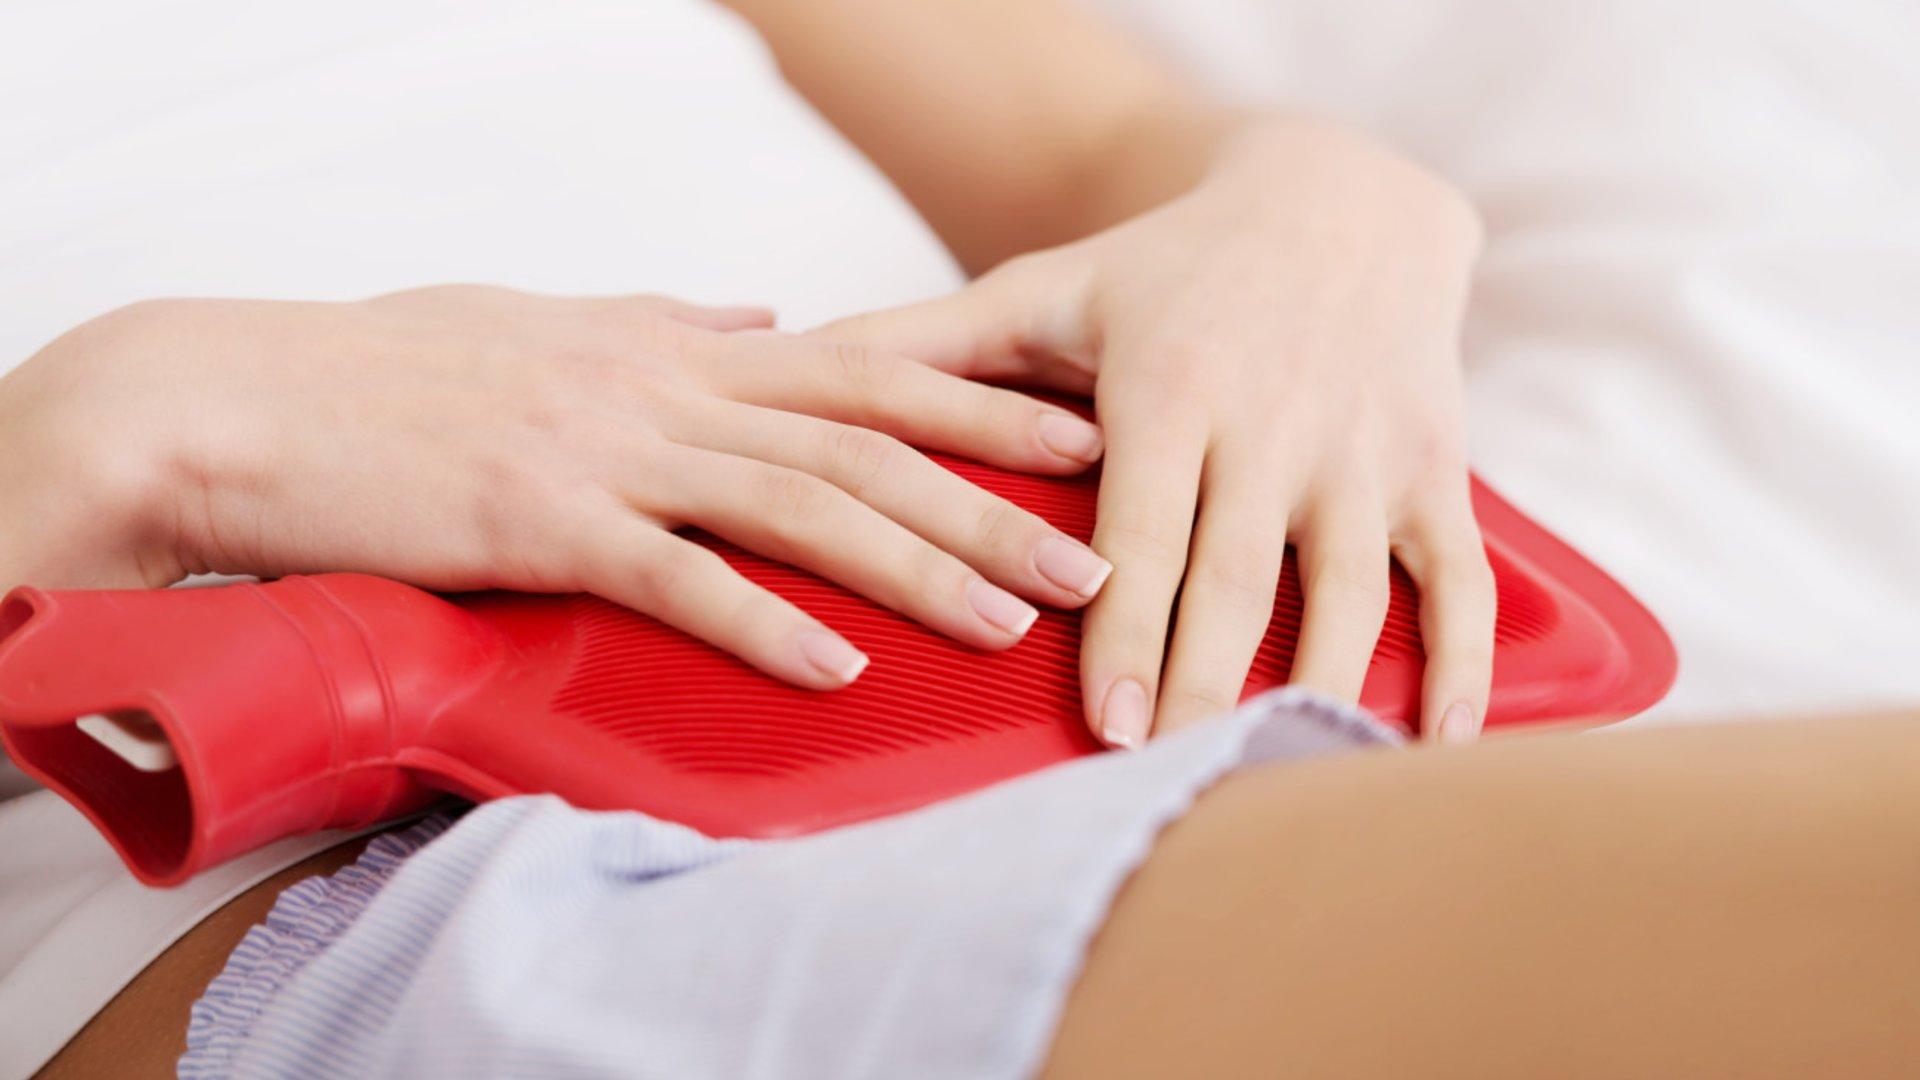 Trotz durchnehmen unterleibsschmerzen pille Zwischenblutung und